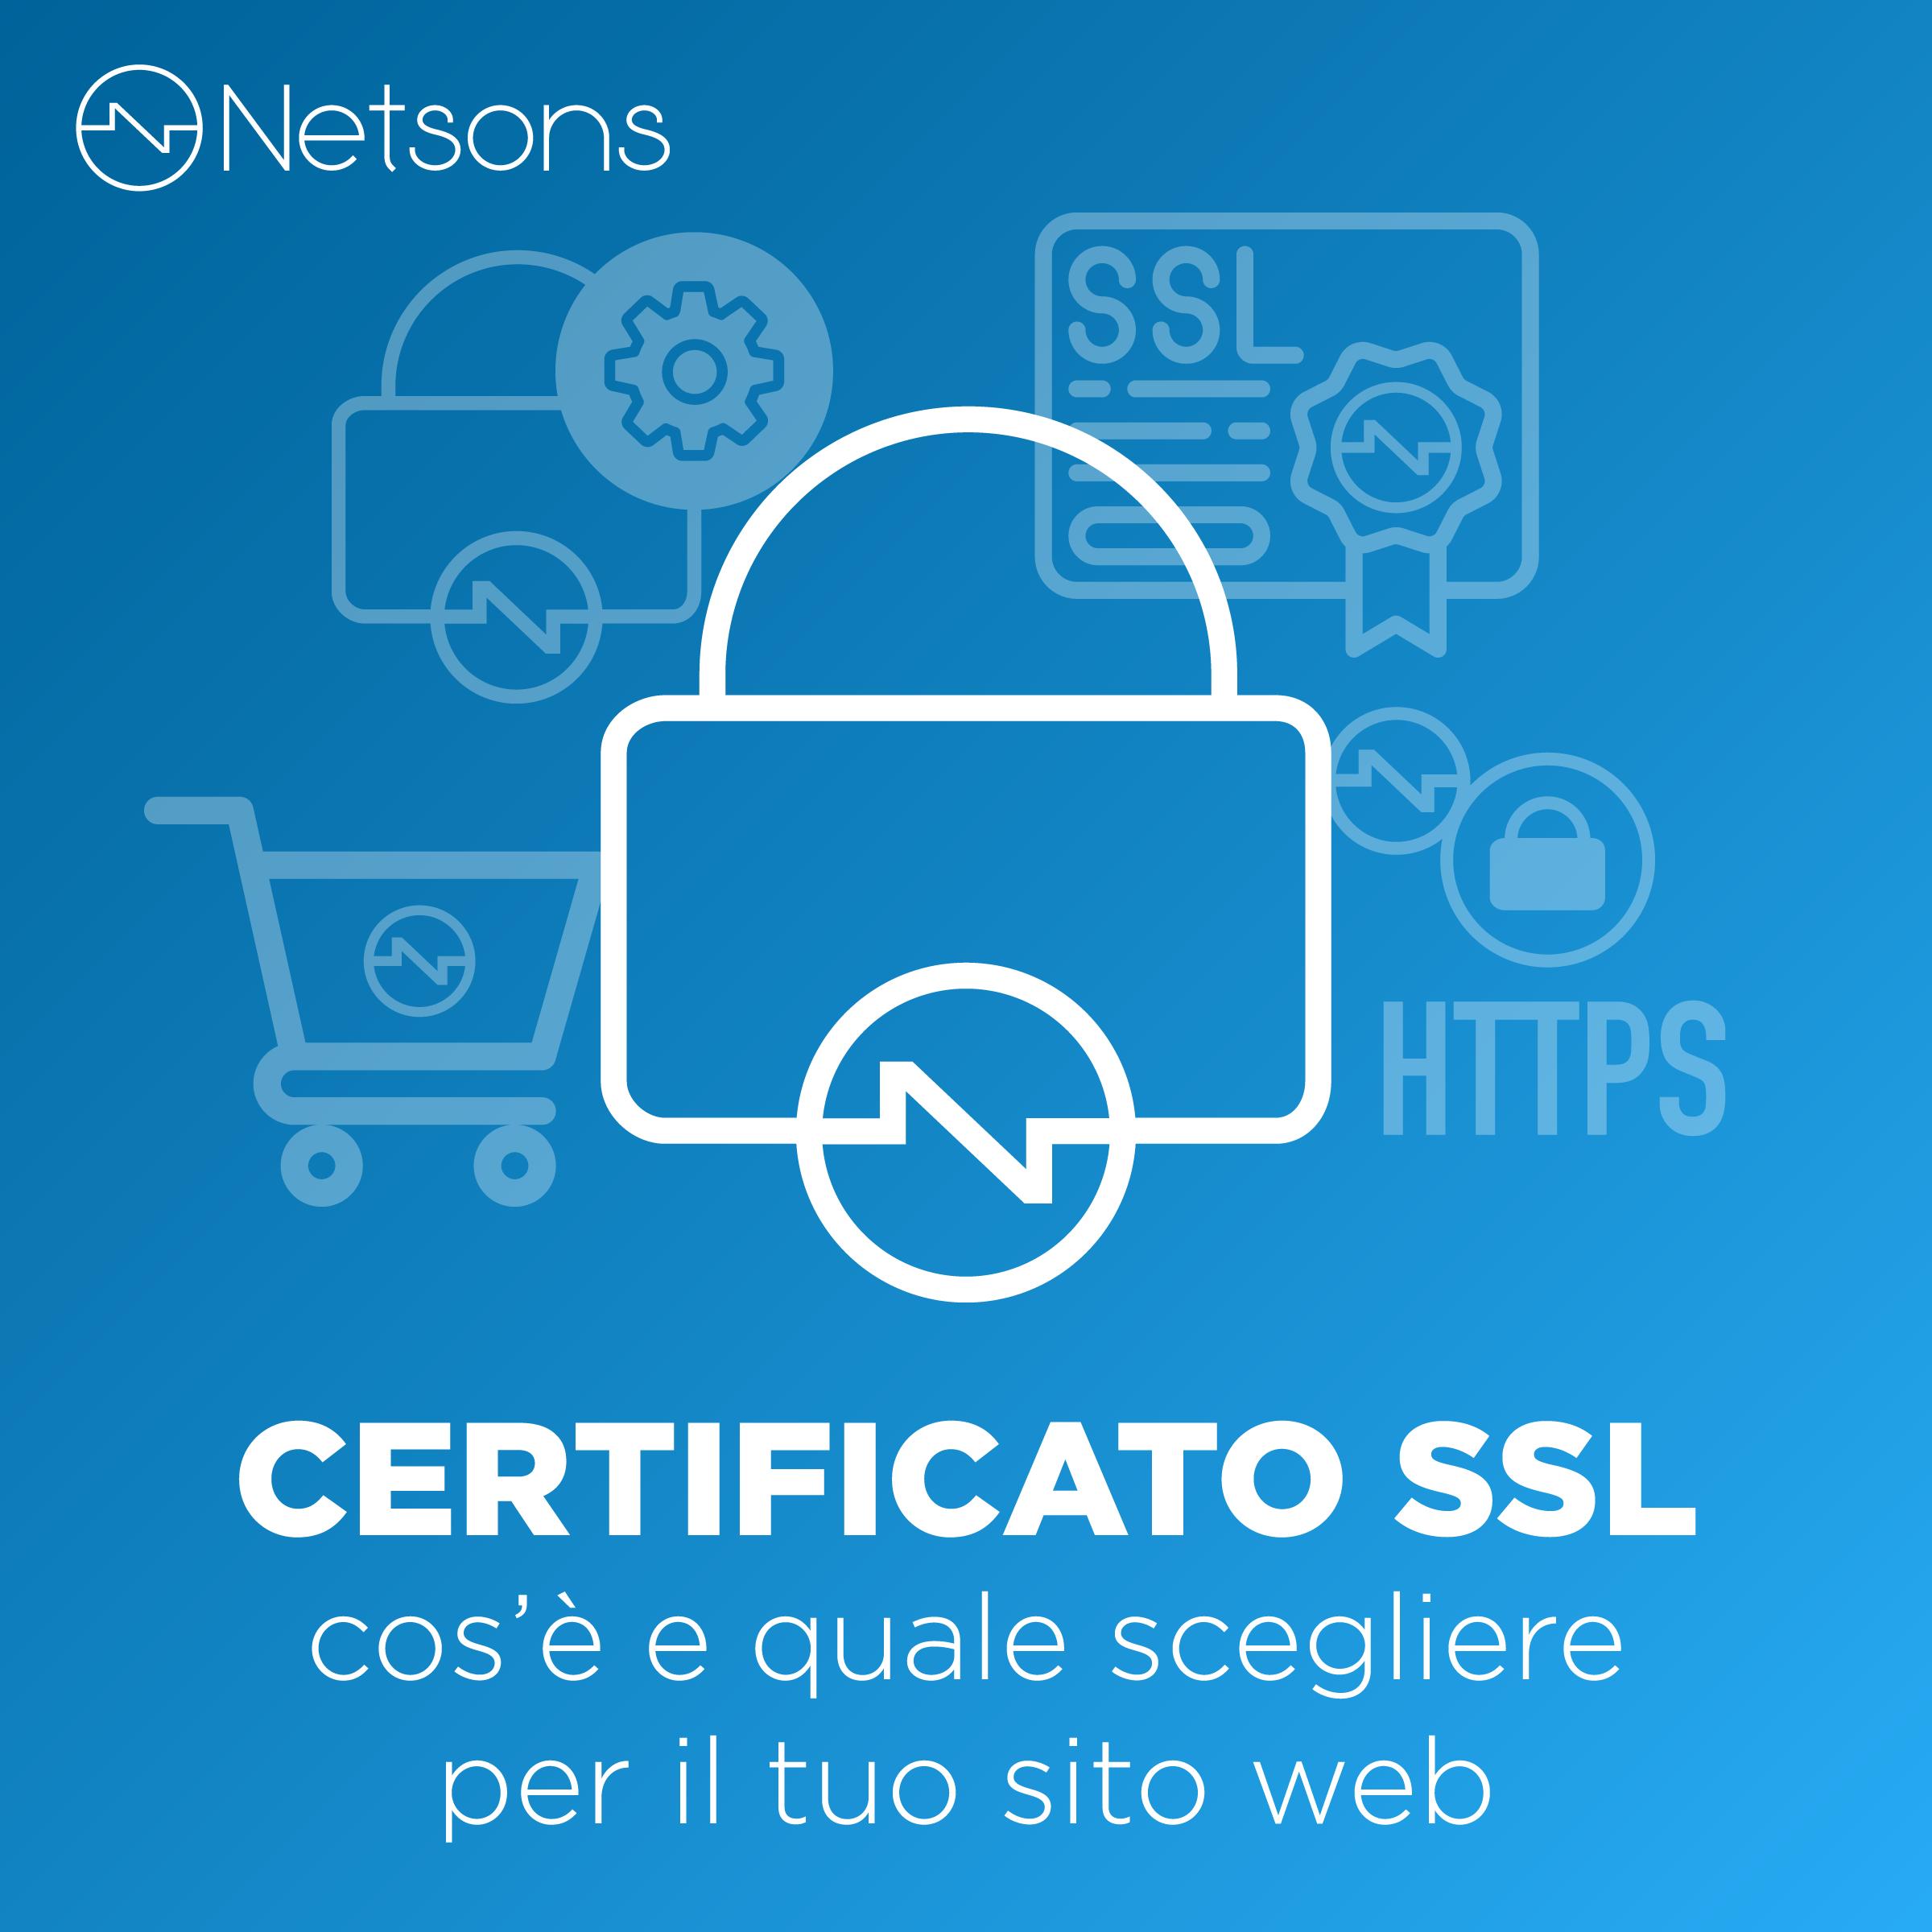 certificato ssl cos'è e quale scegliere